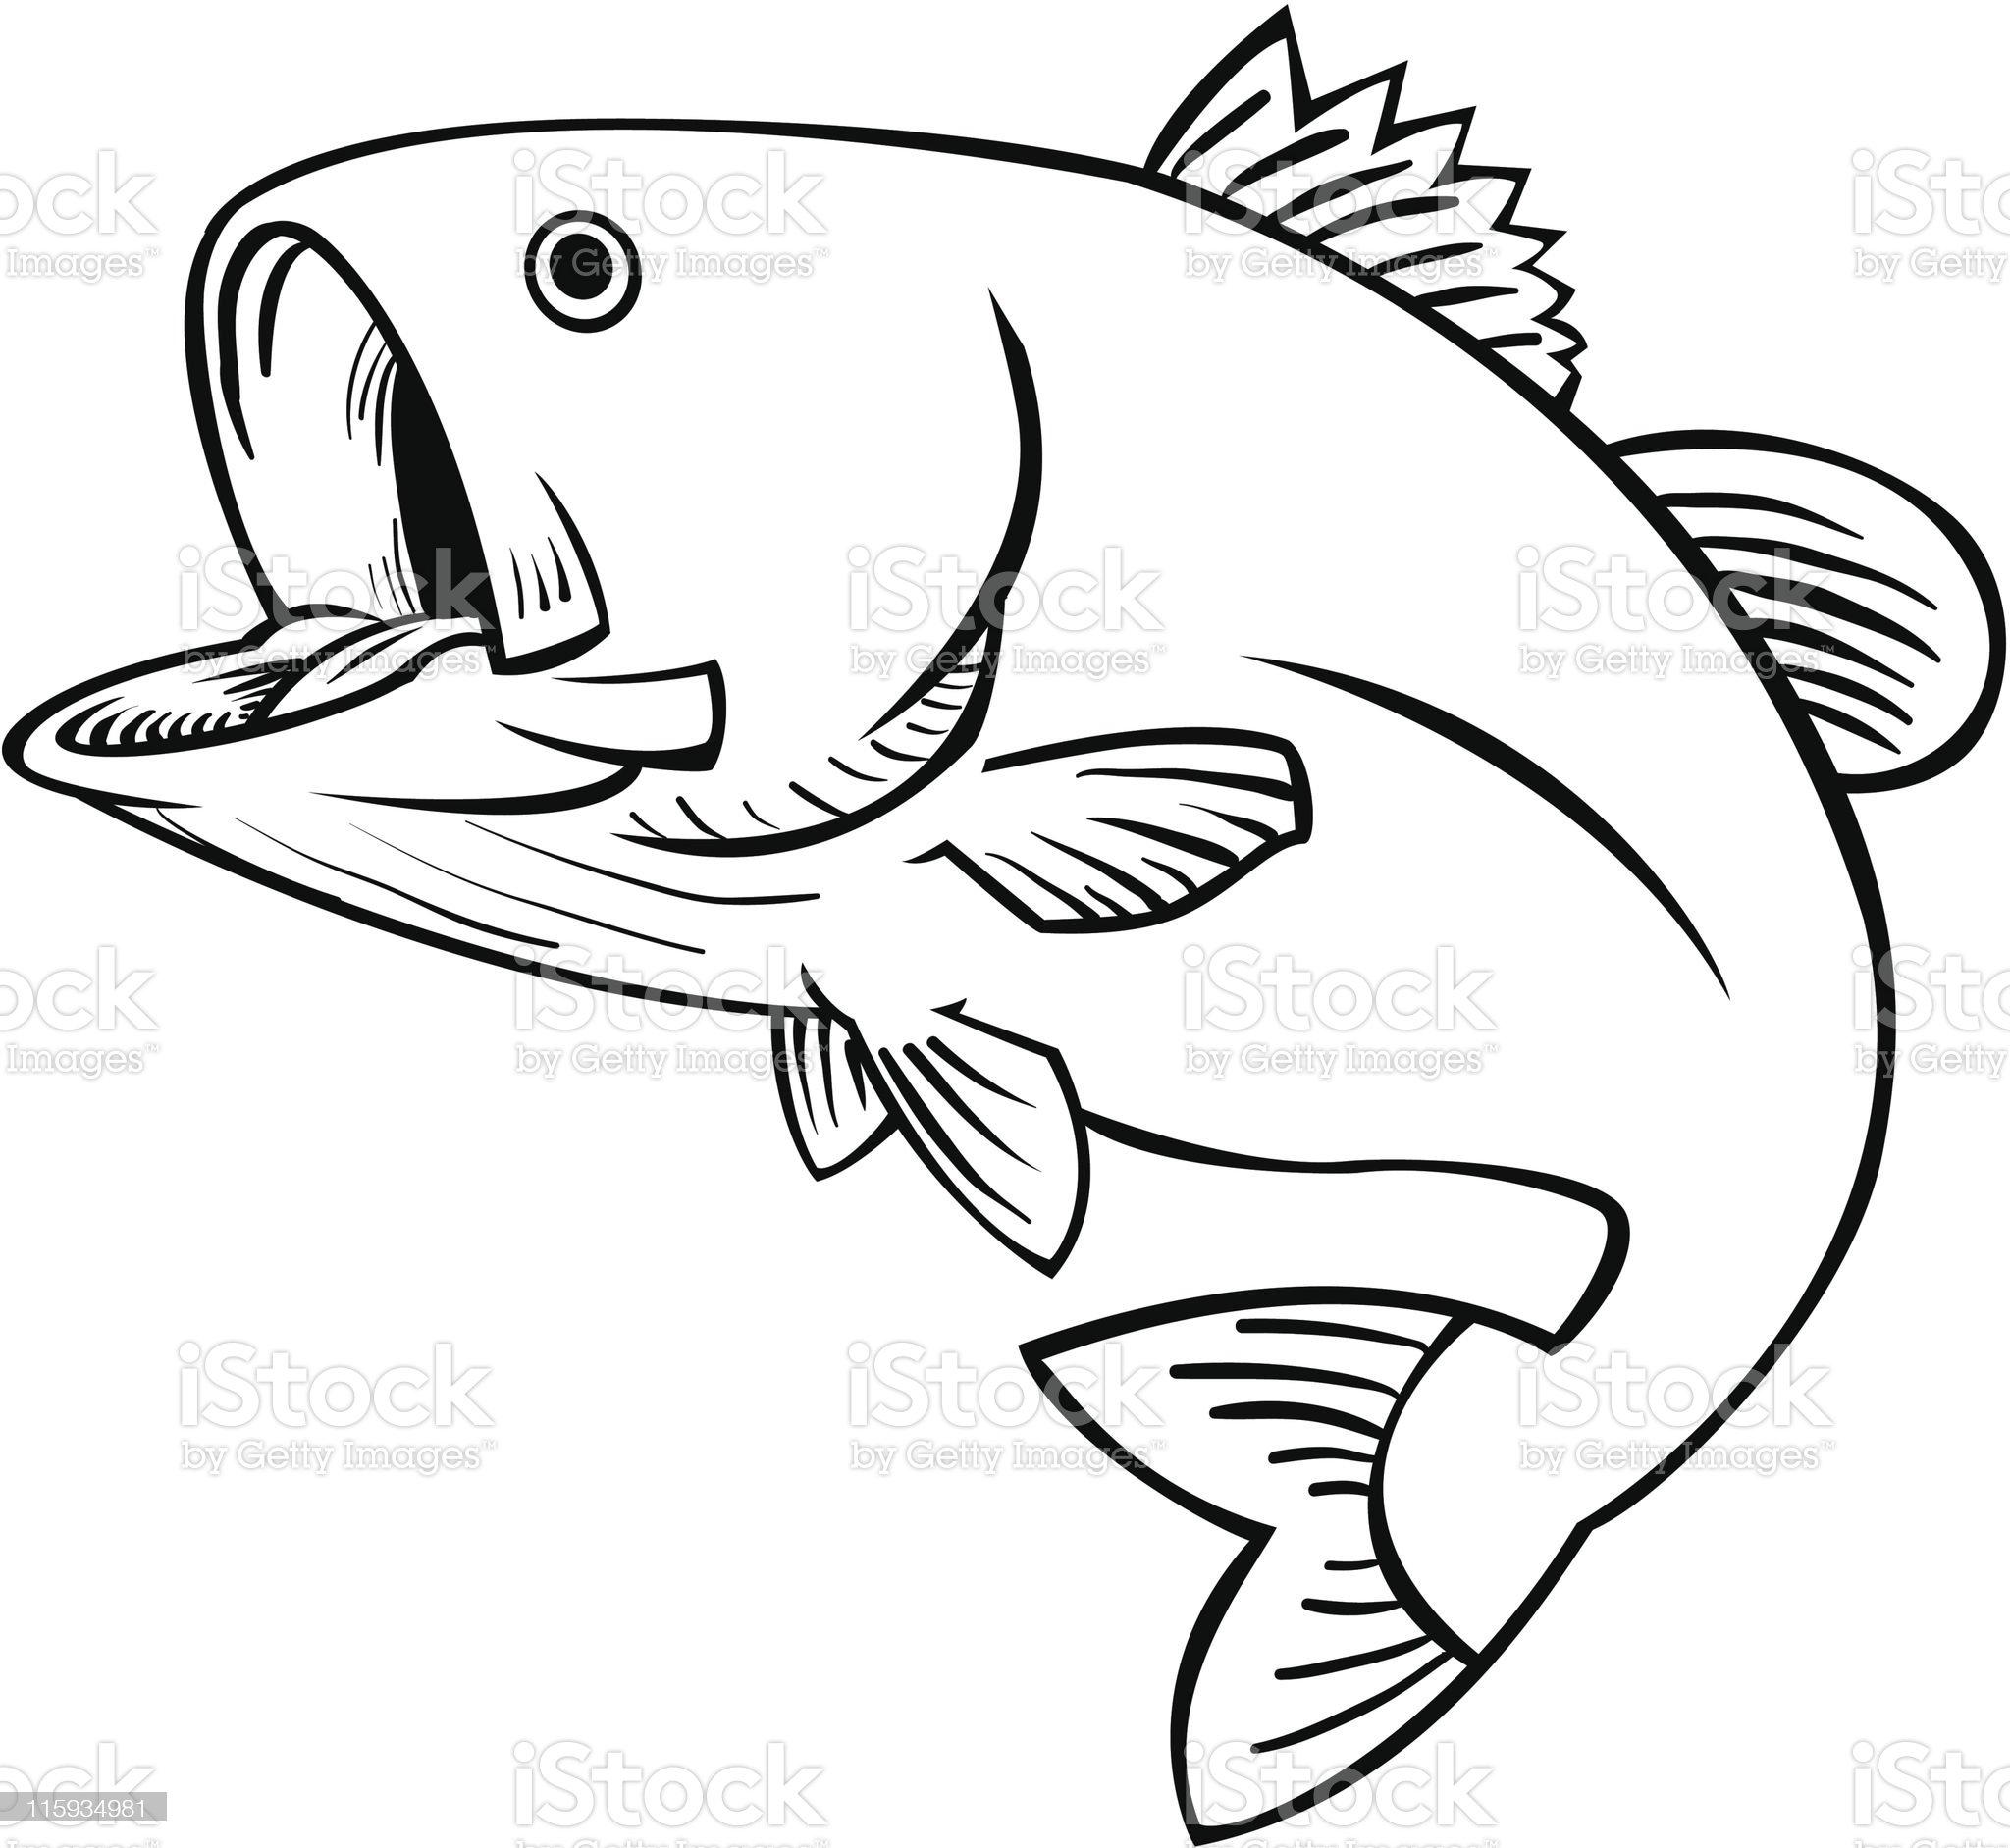 JUMPING FISH royalty-free stock vector art